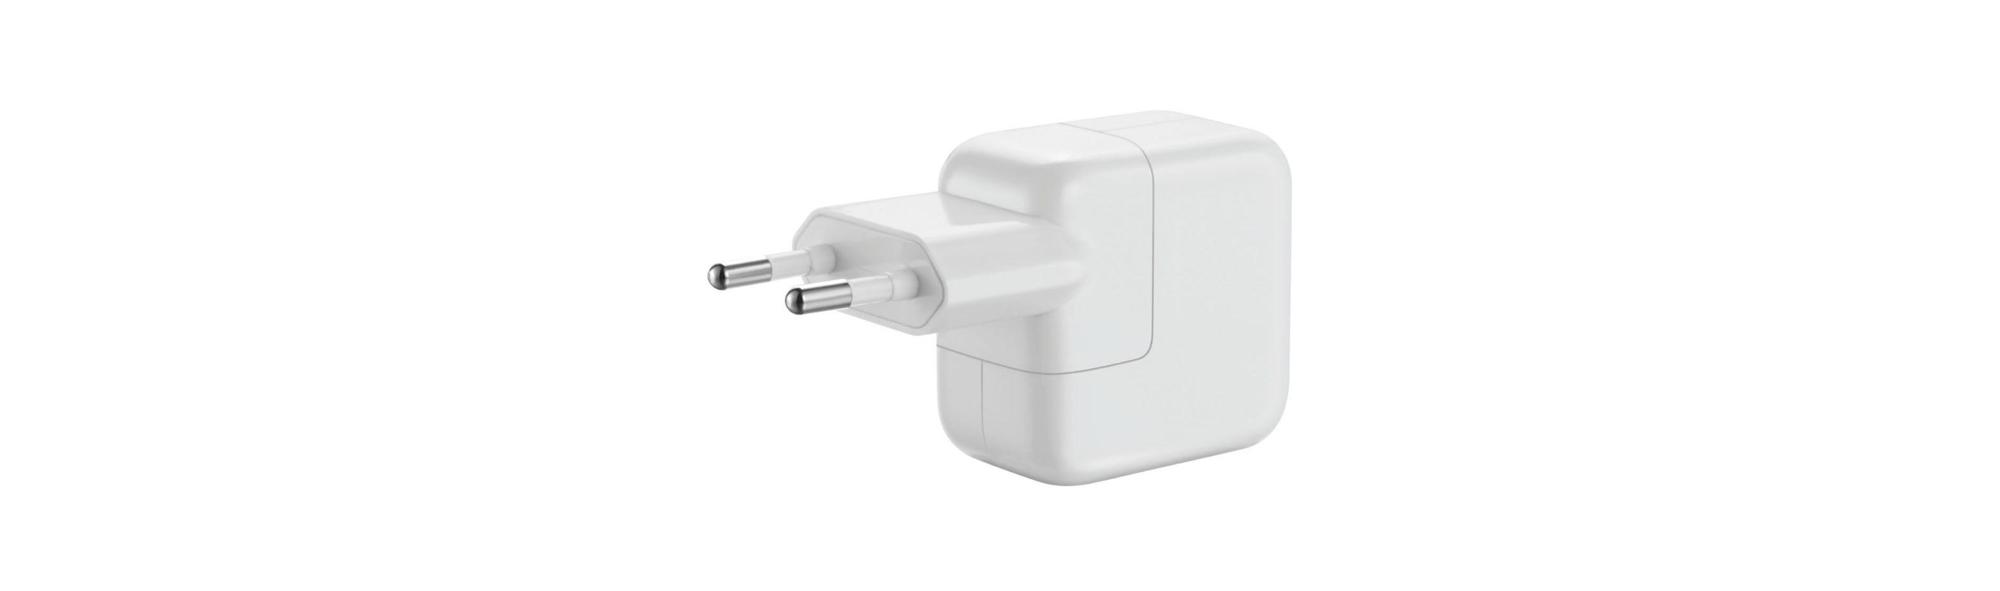 b. USB adaptor - De iotspot (hardware van feature 1) vereist USB stroomvoorziening. Wij gaan er vanuit dat deze stroomvoorziening aanwezig is. Indien USB adaptors gewenst zijn, zijn deze bij ons te bestellen voor €10,- per iotspot.